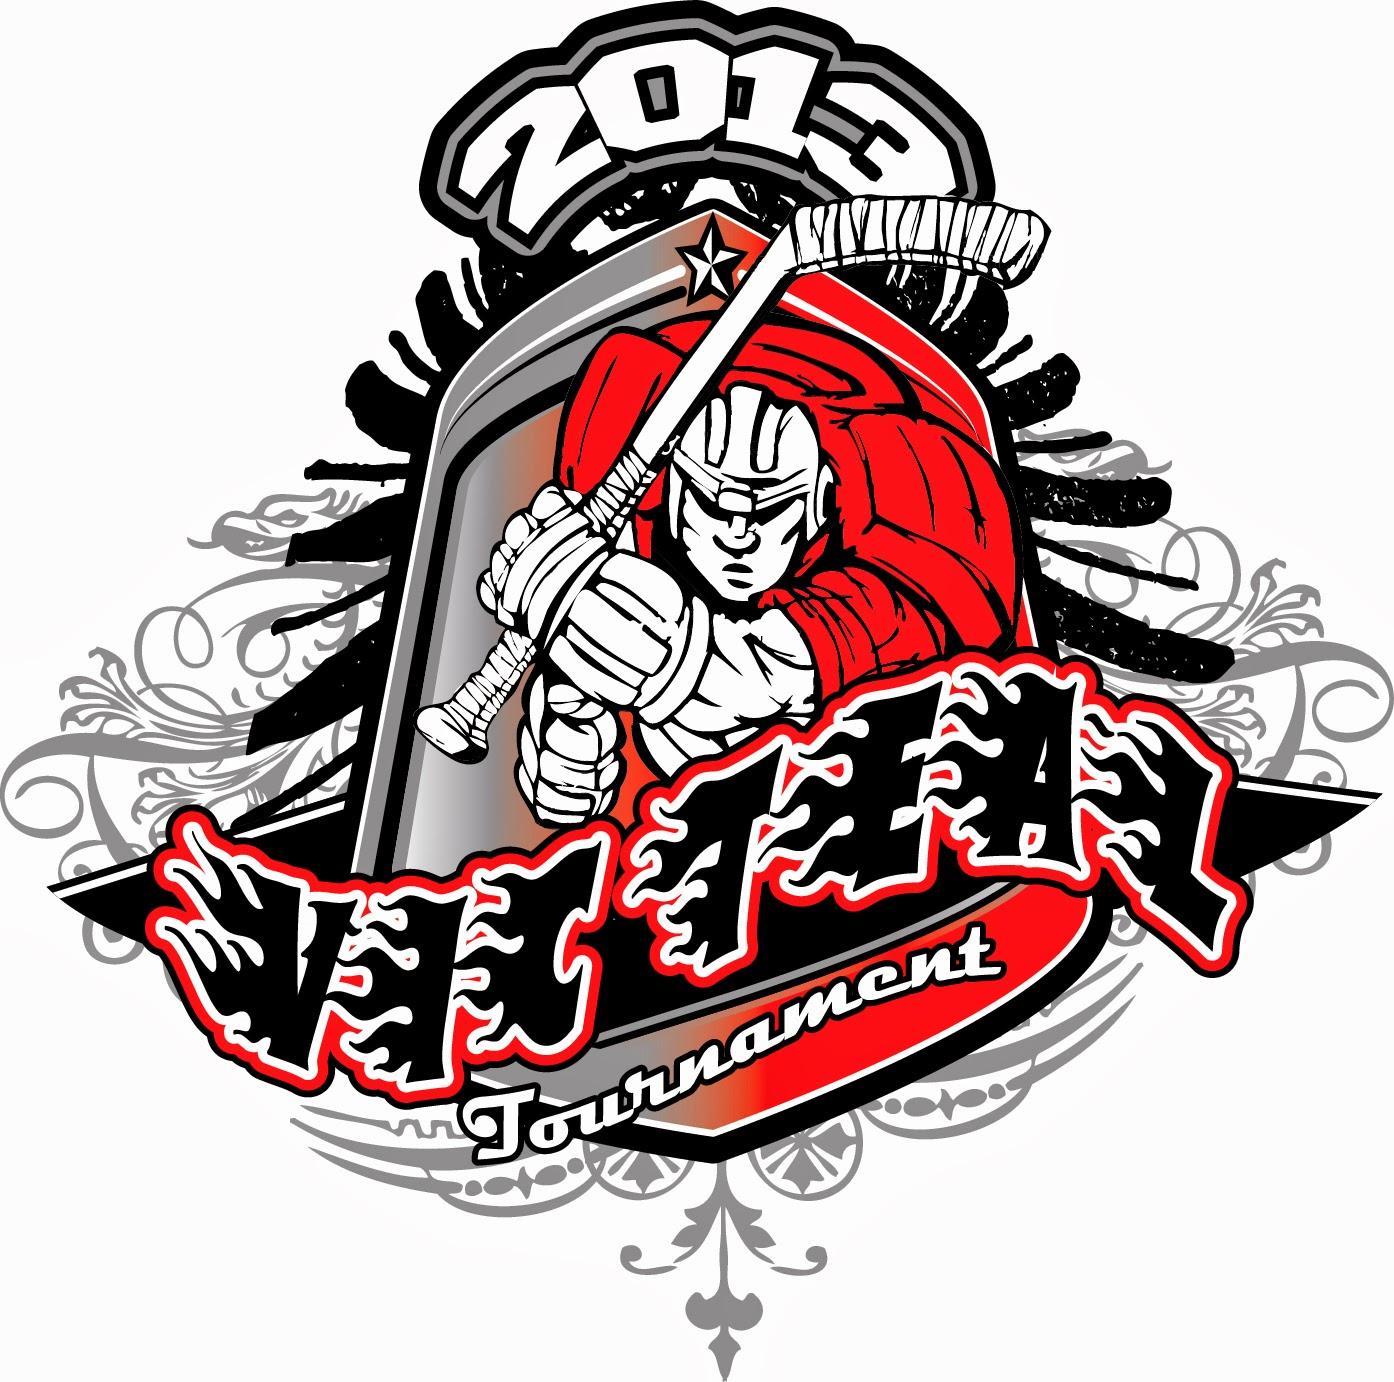 ... : Hockey Logo Design Demonstration Adobe Illustrator CS6 UrArtStudio